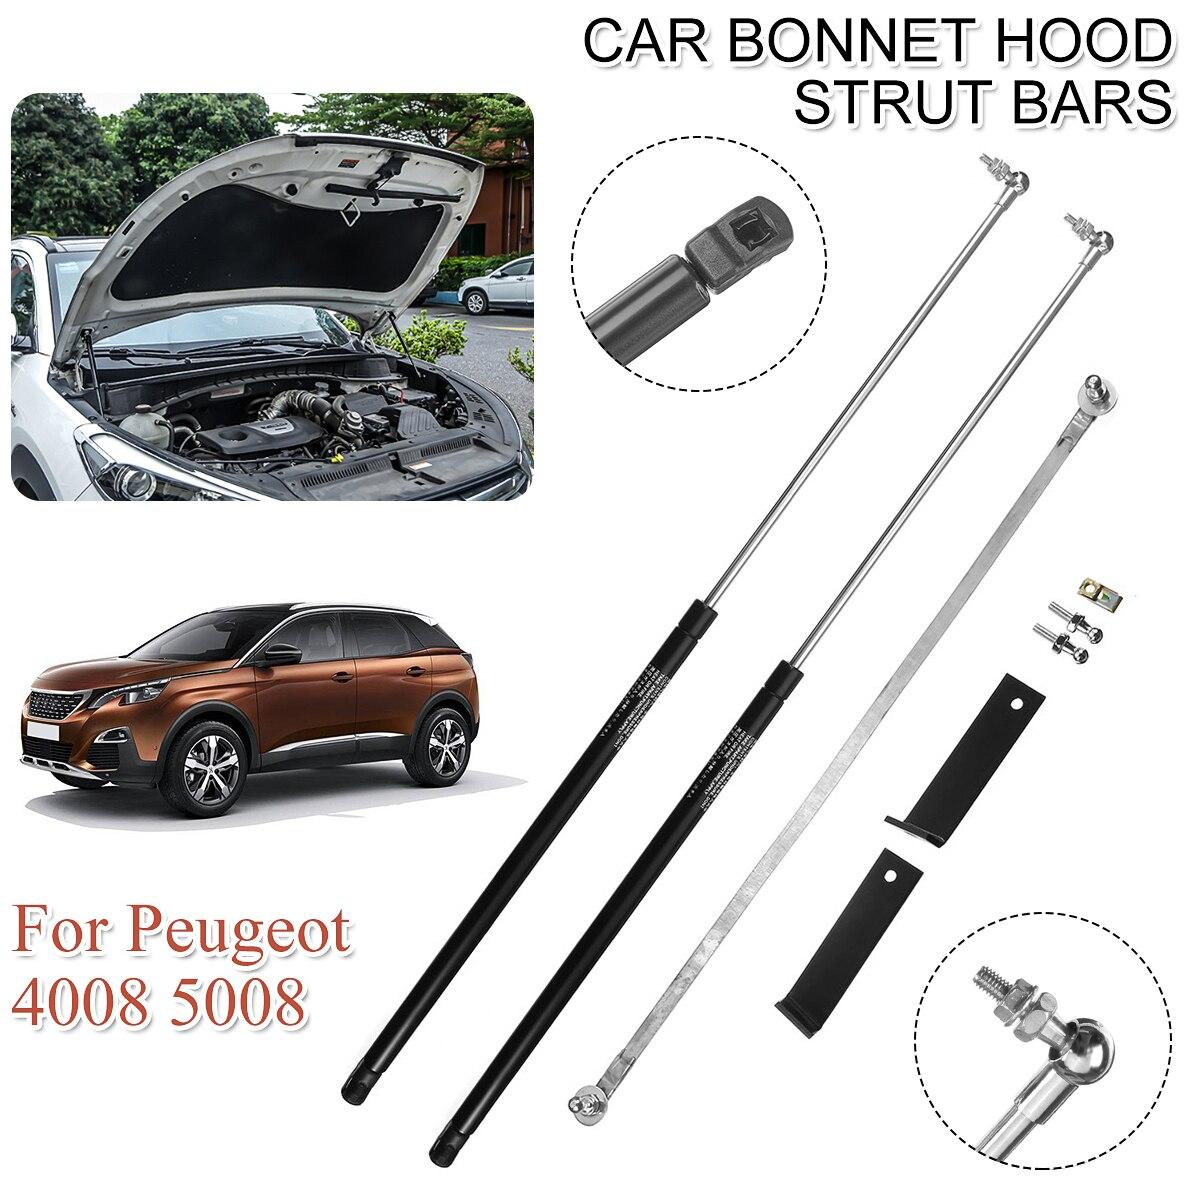 2Pcs Car Front Engine Cover Bonnet Hood Shock Lift Strut Struts Bar Support Rod Arm Gas Spring For Peugeot 3008 5008 2017 2018